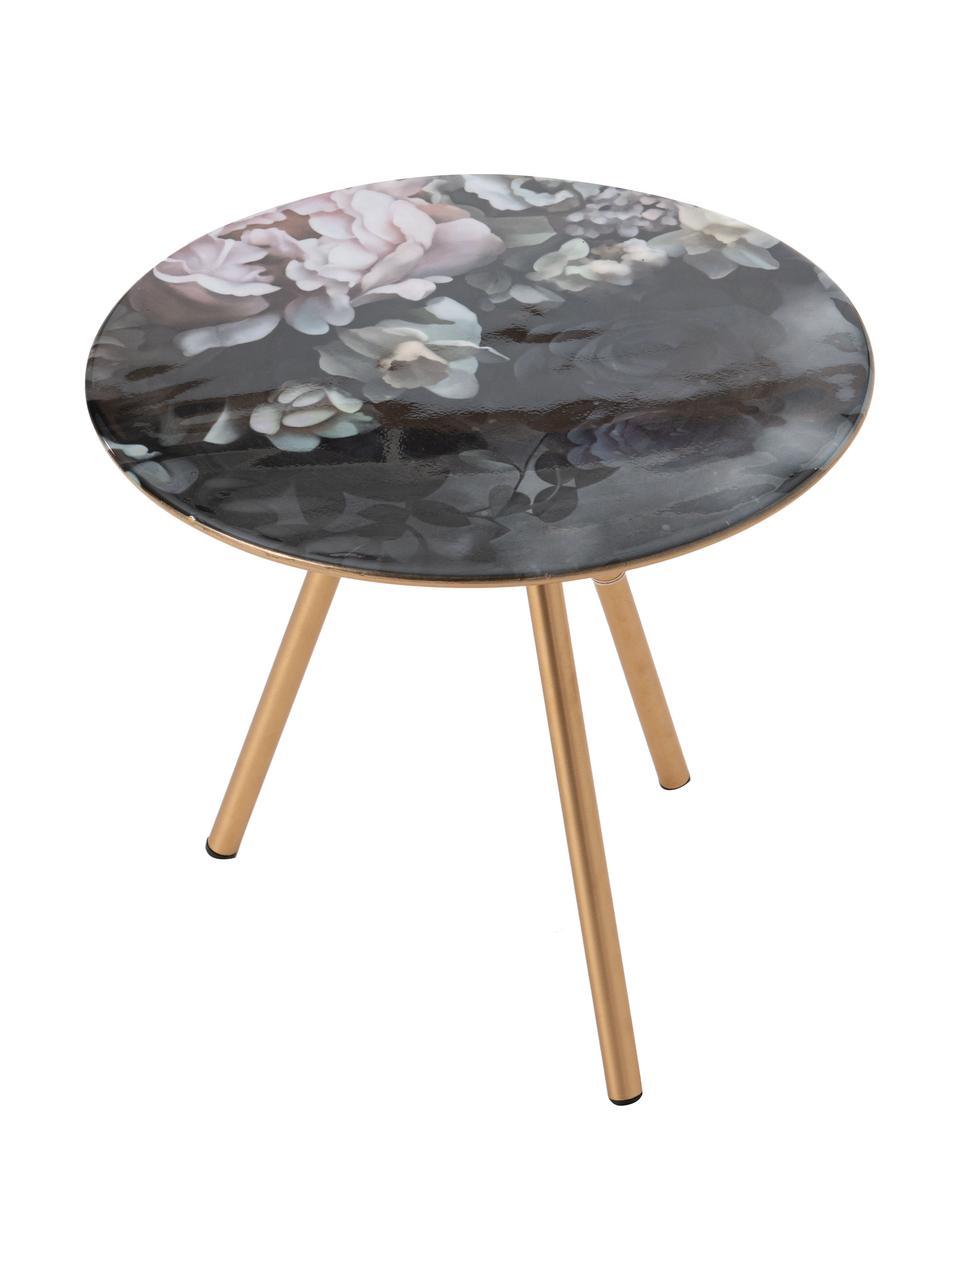 Tavolino con motivo floreale Rosa, Gambe: metallo, Nero, dorato, multicolore, Larg. 41 x Prof. 41 cm